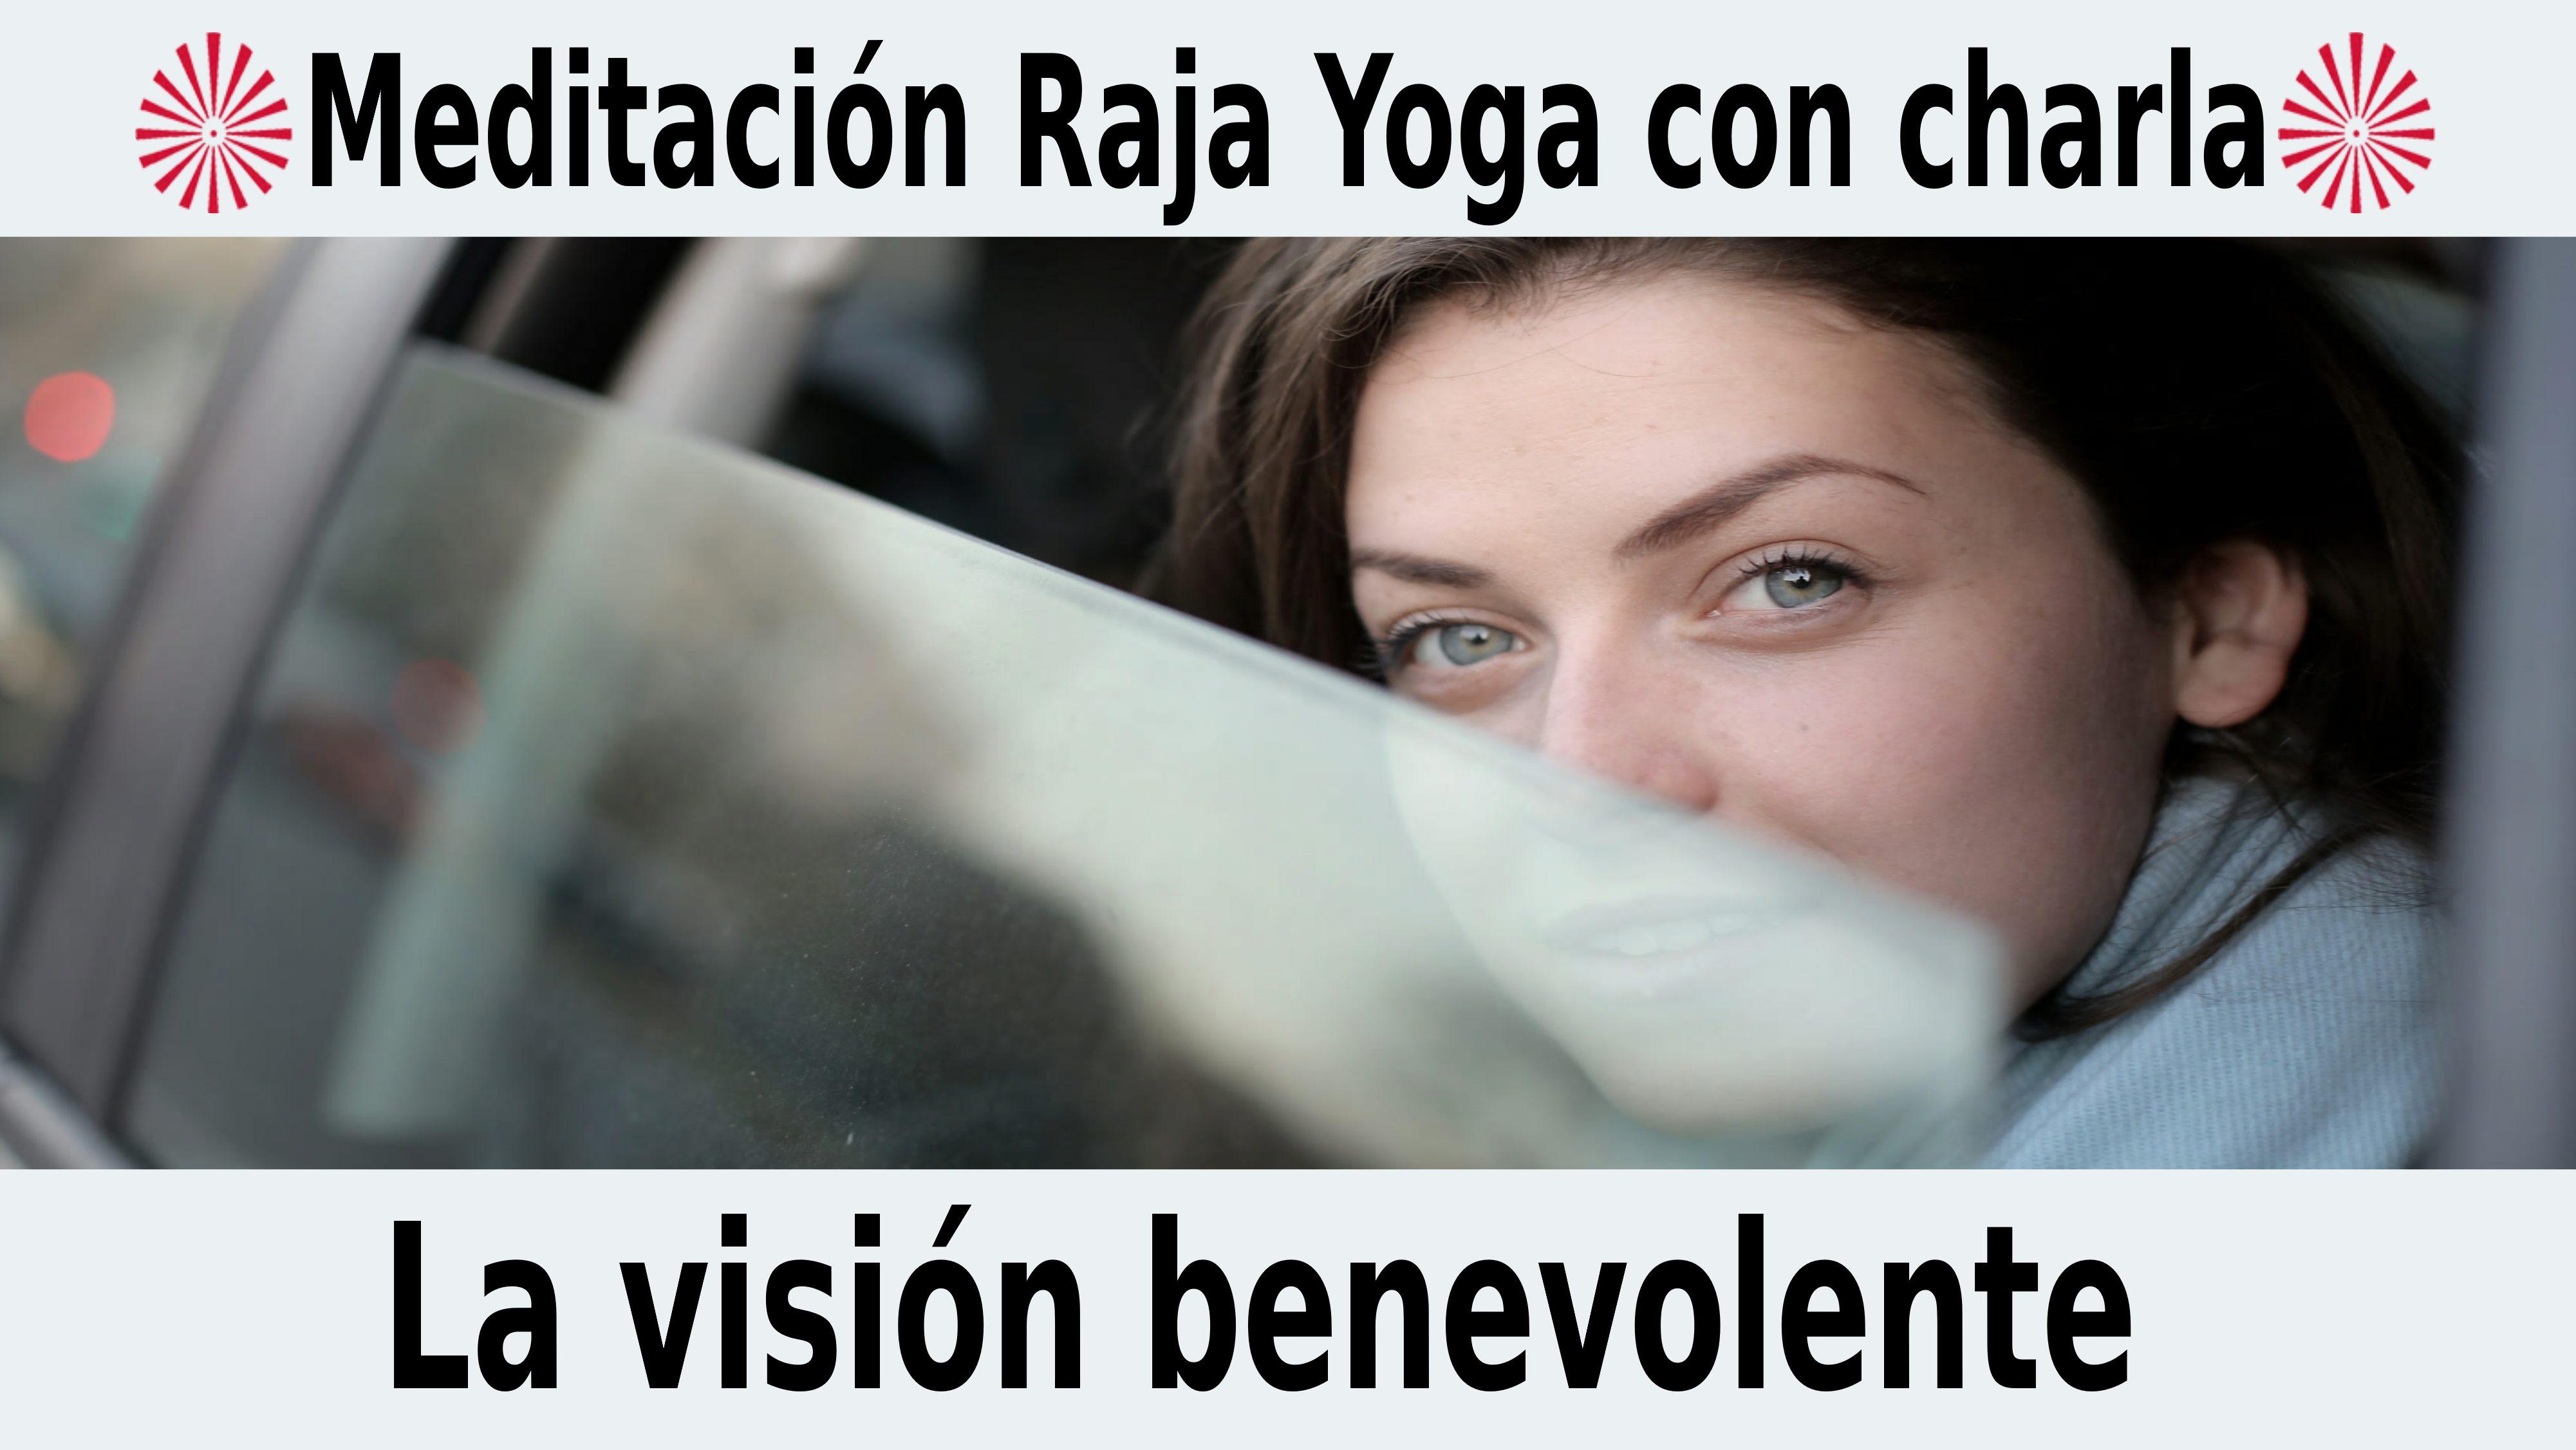 Meditación Raja Yoga con charla:  La visión benevolente (10 Noviembre 2020) On-line desde Madrid